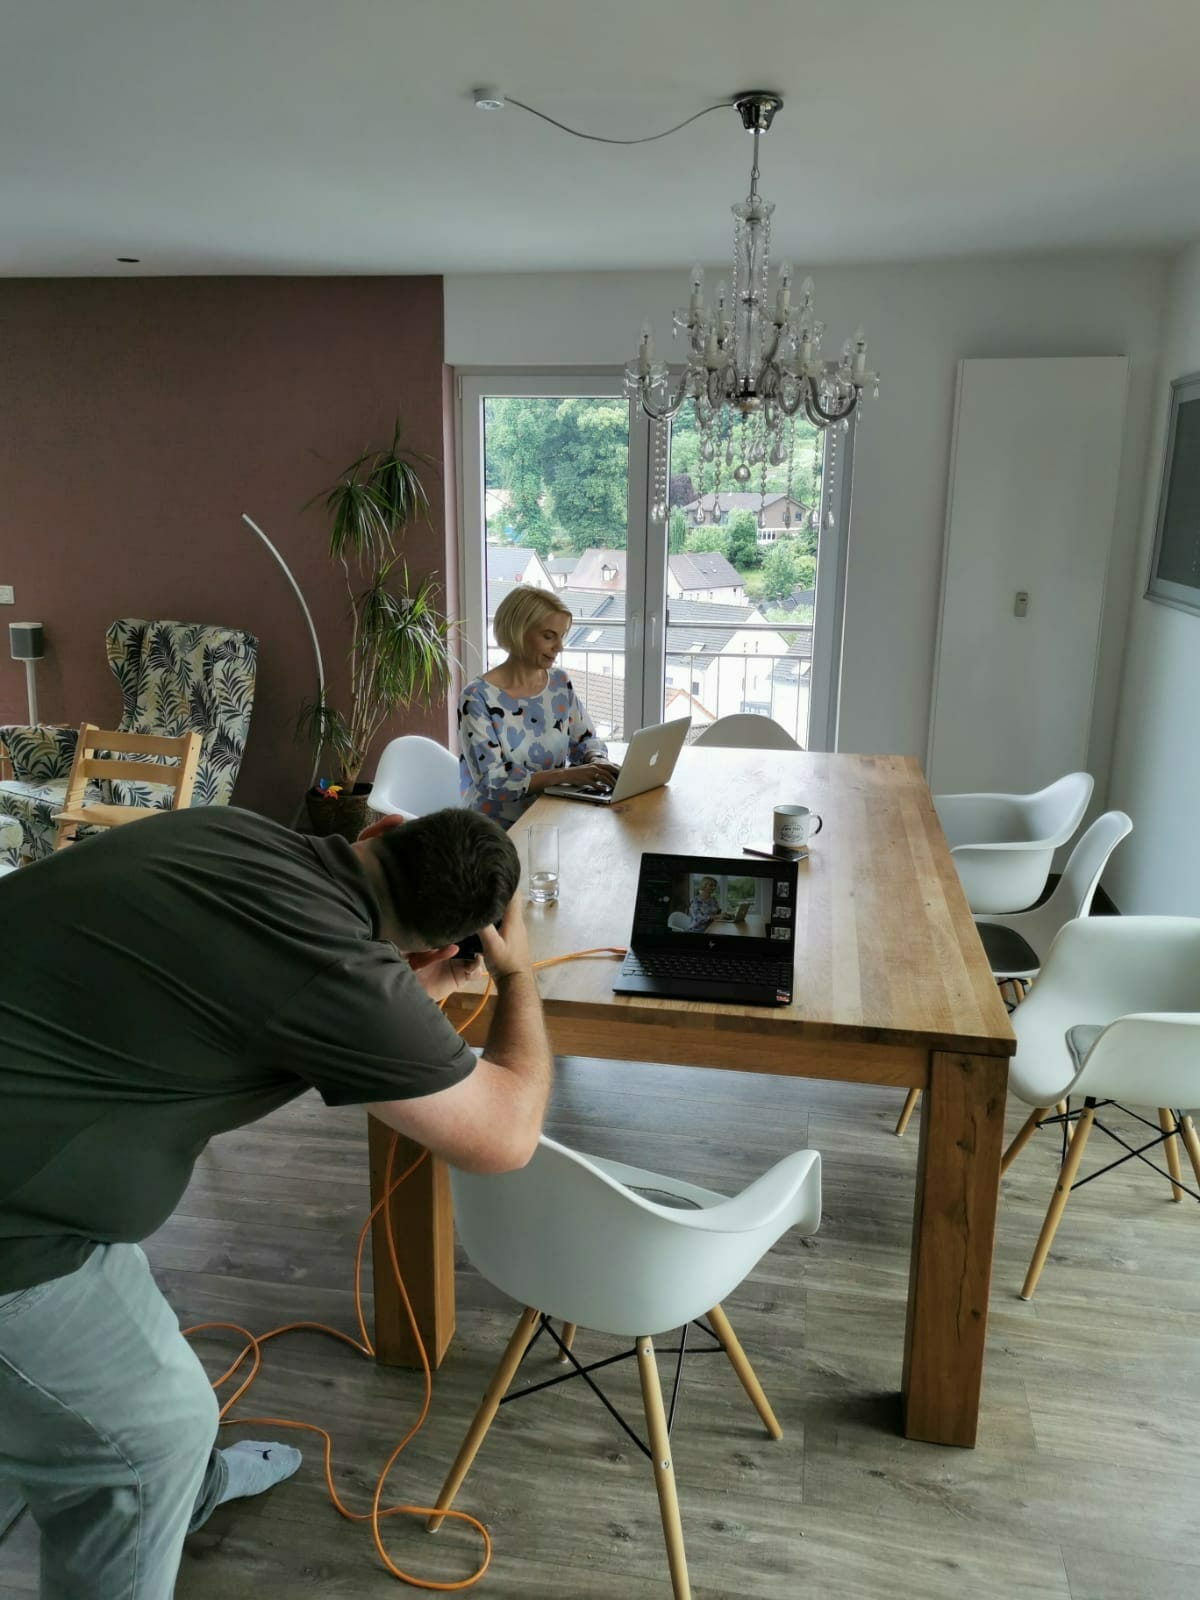 Businessfotograf bjoern vilcens bei der Arbeit Fotos einer Unternehmerin arbeitend am Tischbehind the scenes businessportraits